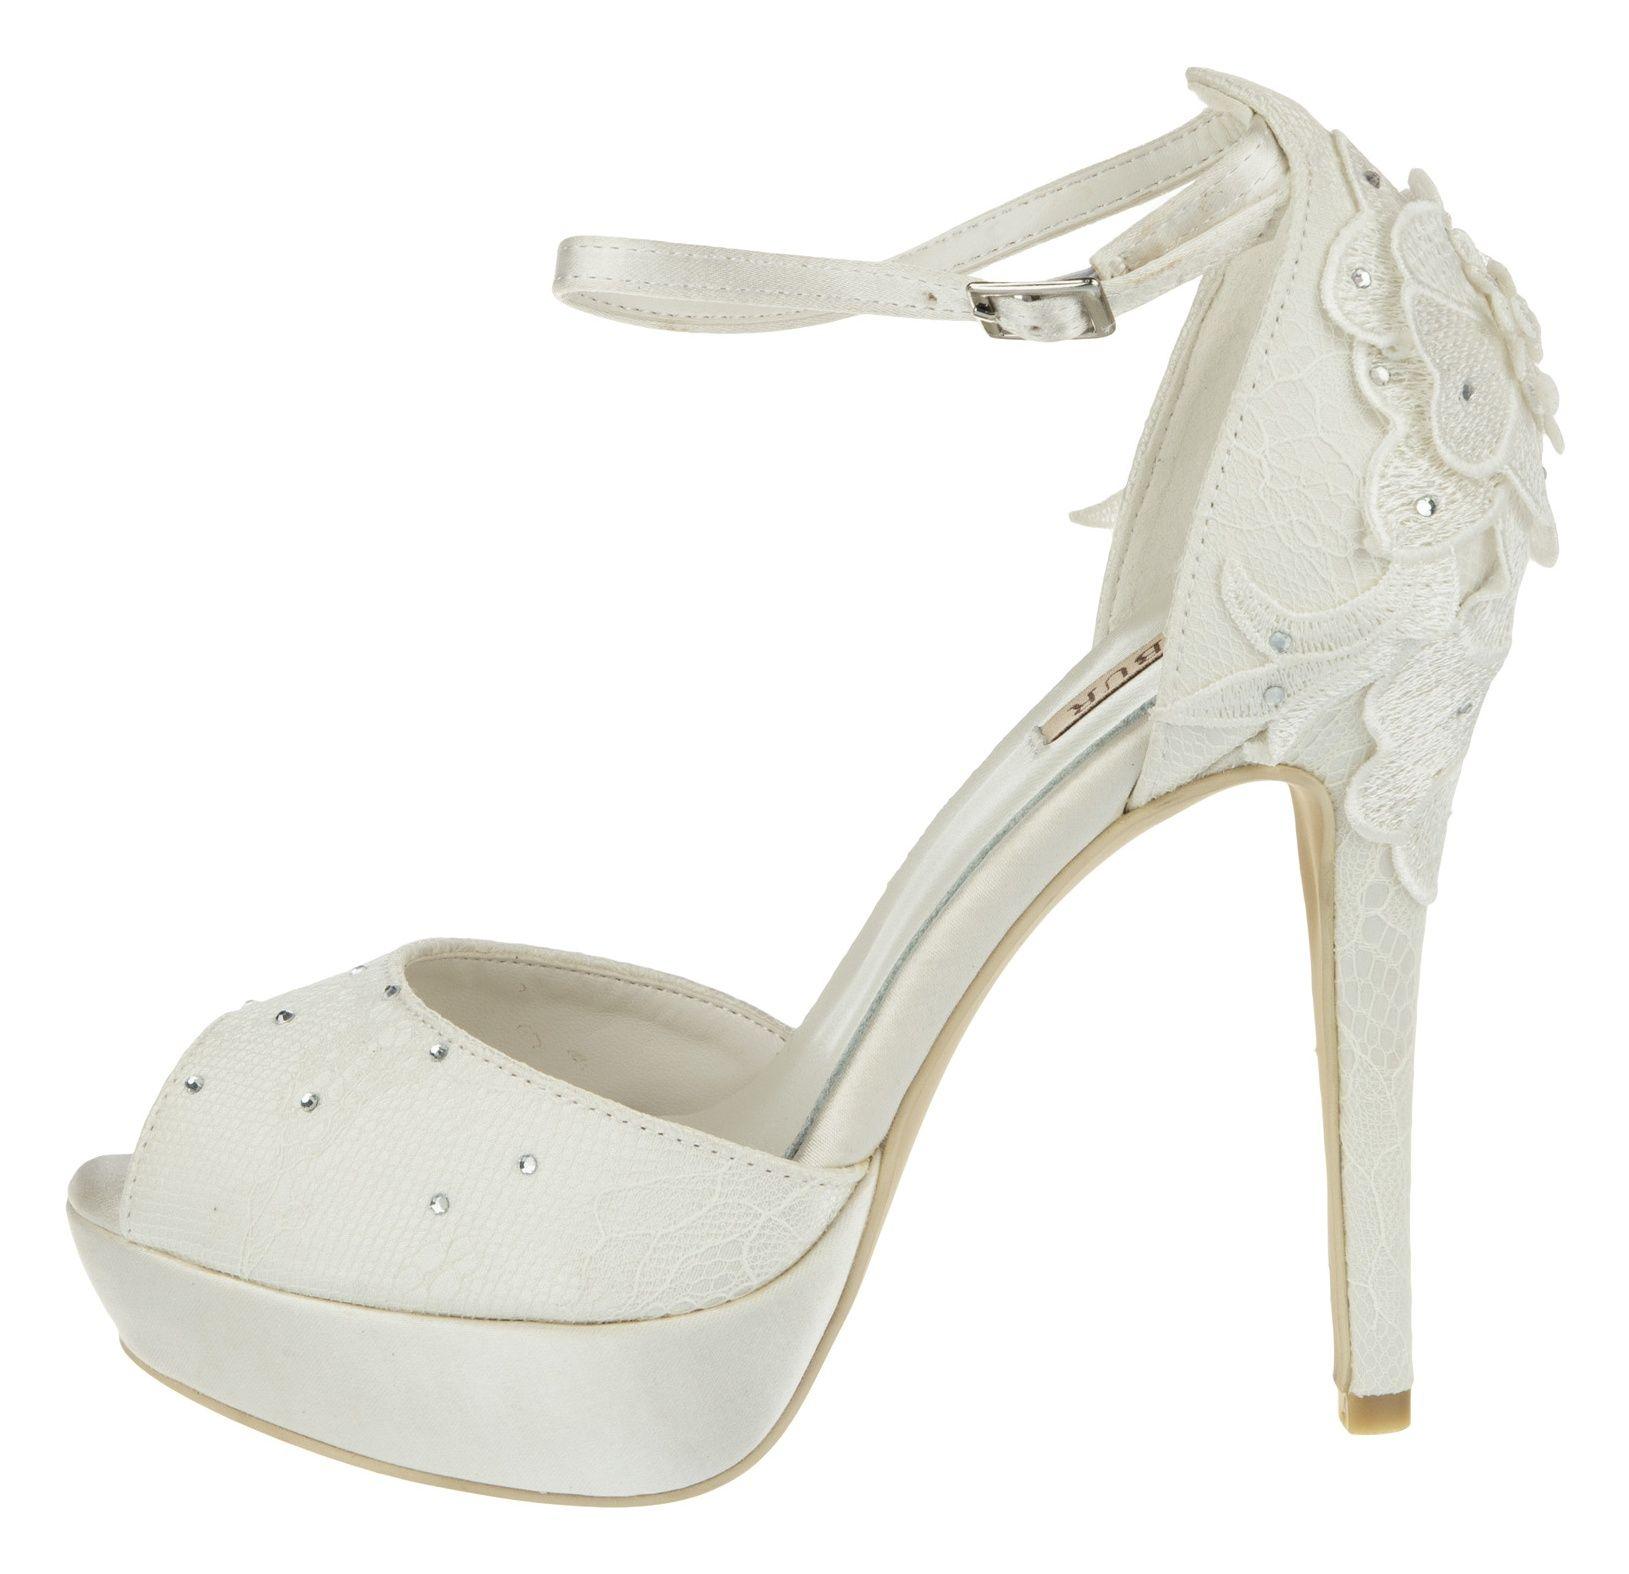 کفش زنانه منبور مدل 07021-IV main 1 1